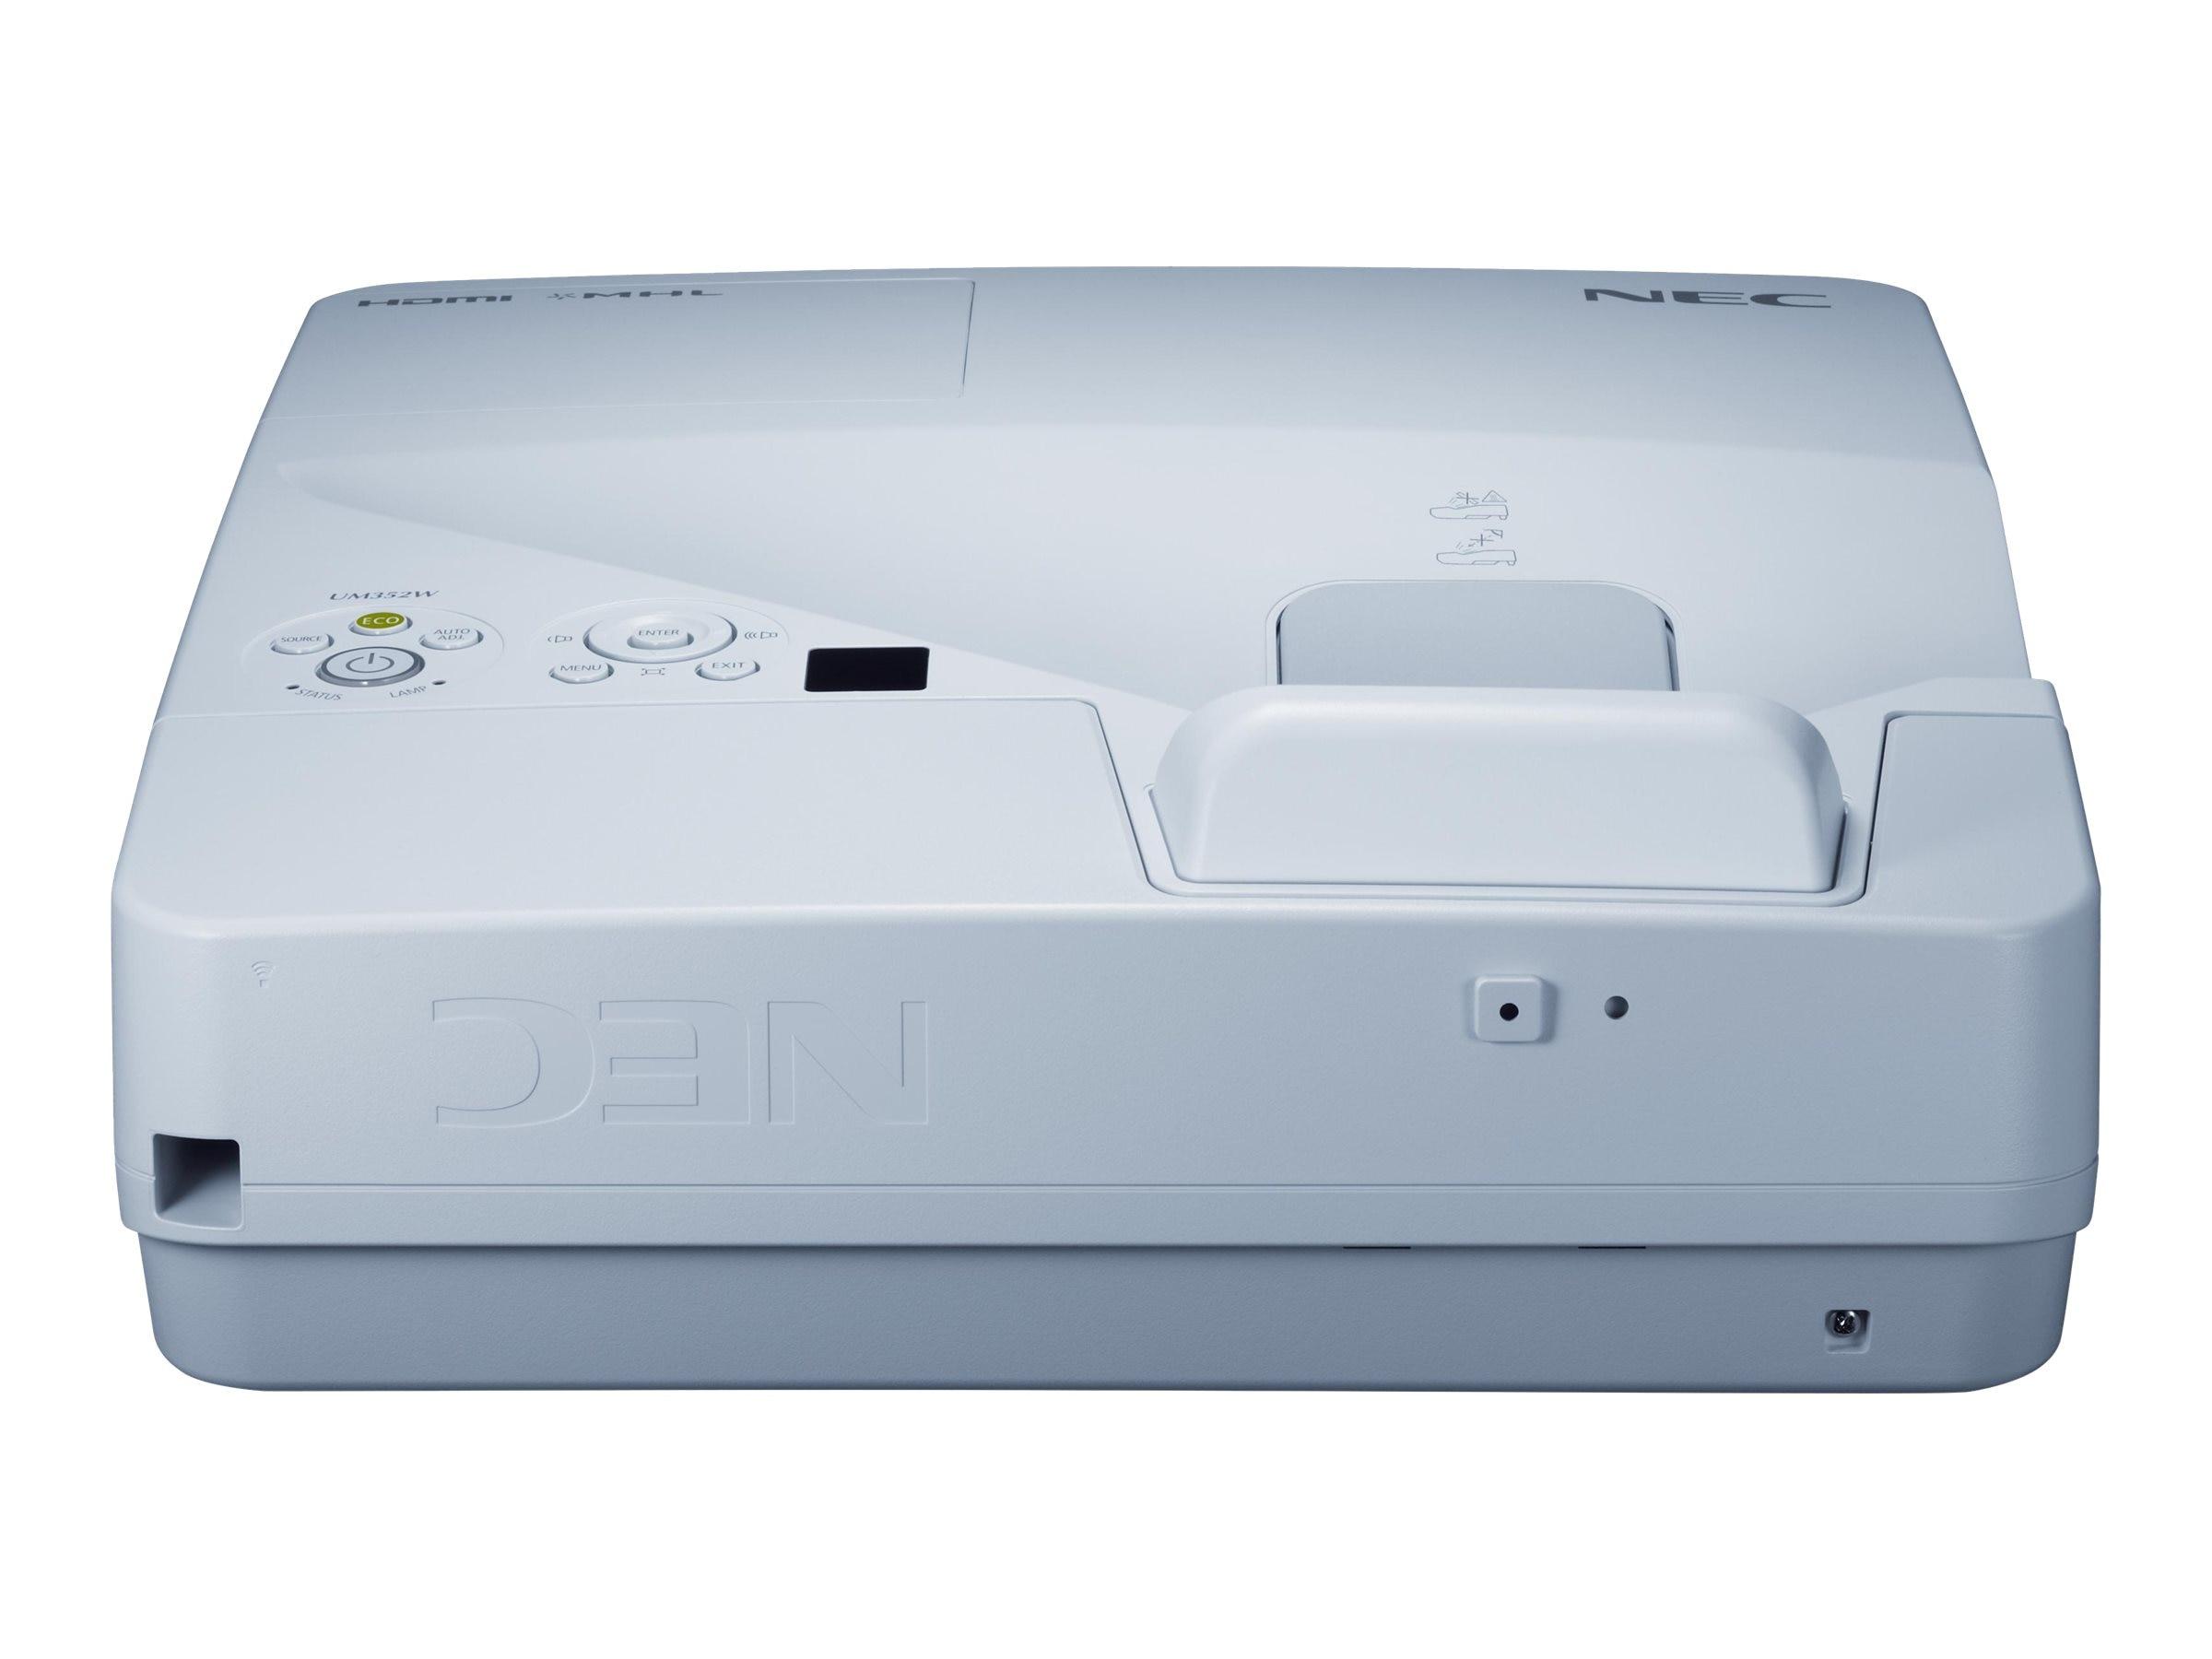 NEC NP-UM352W Image 2